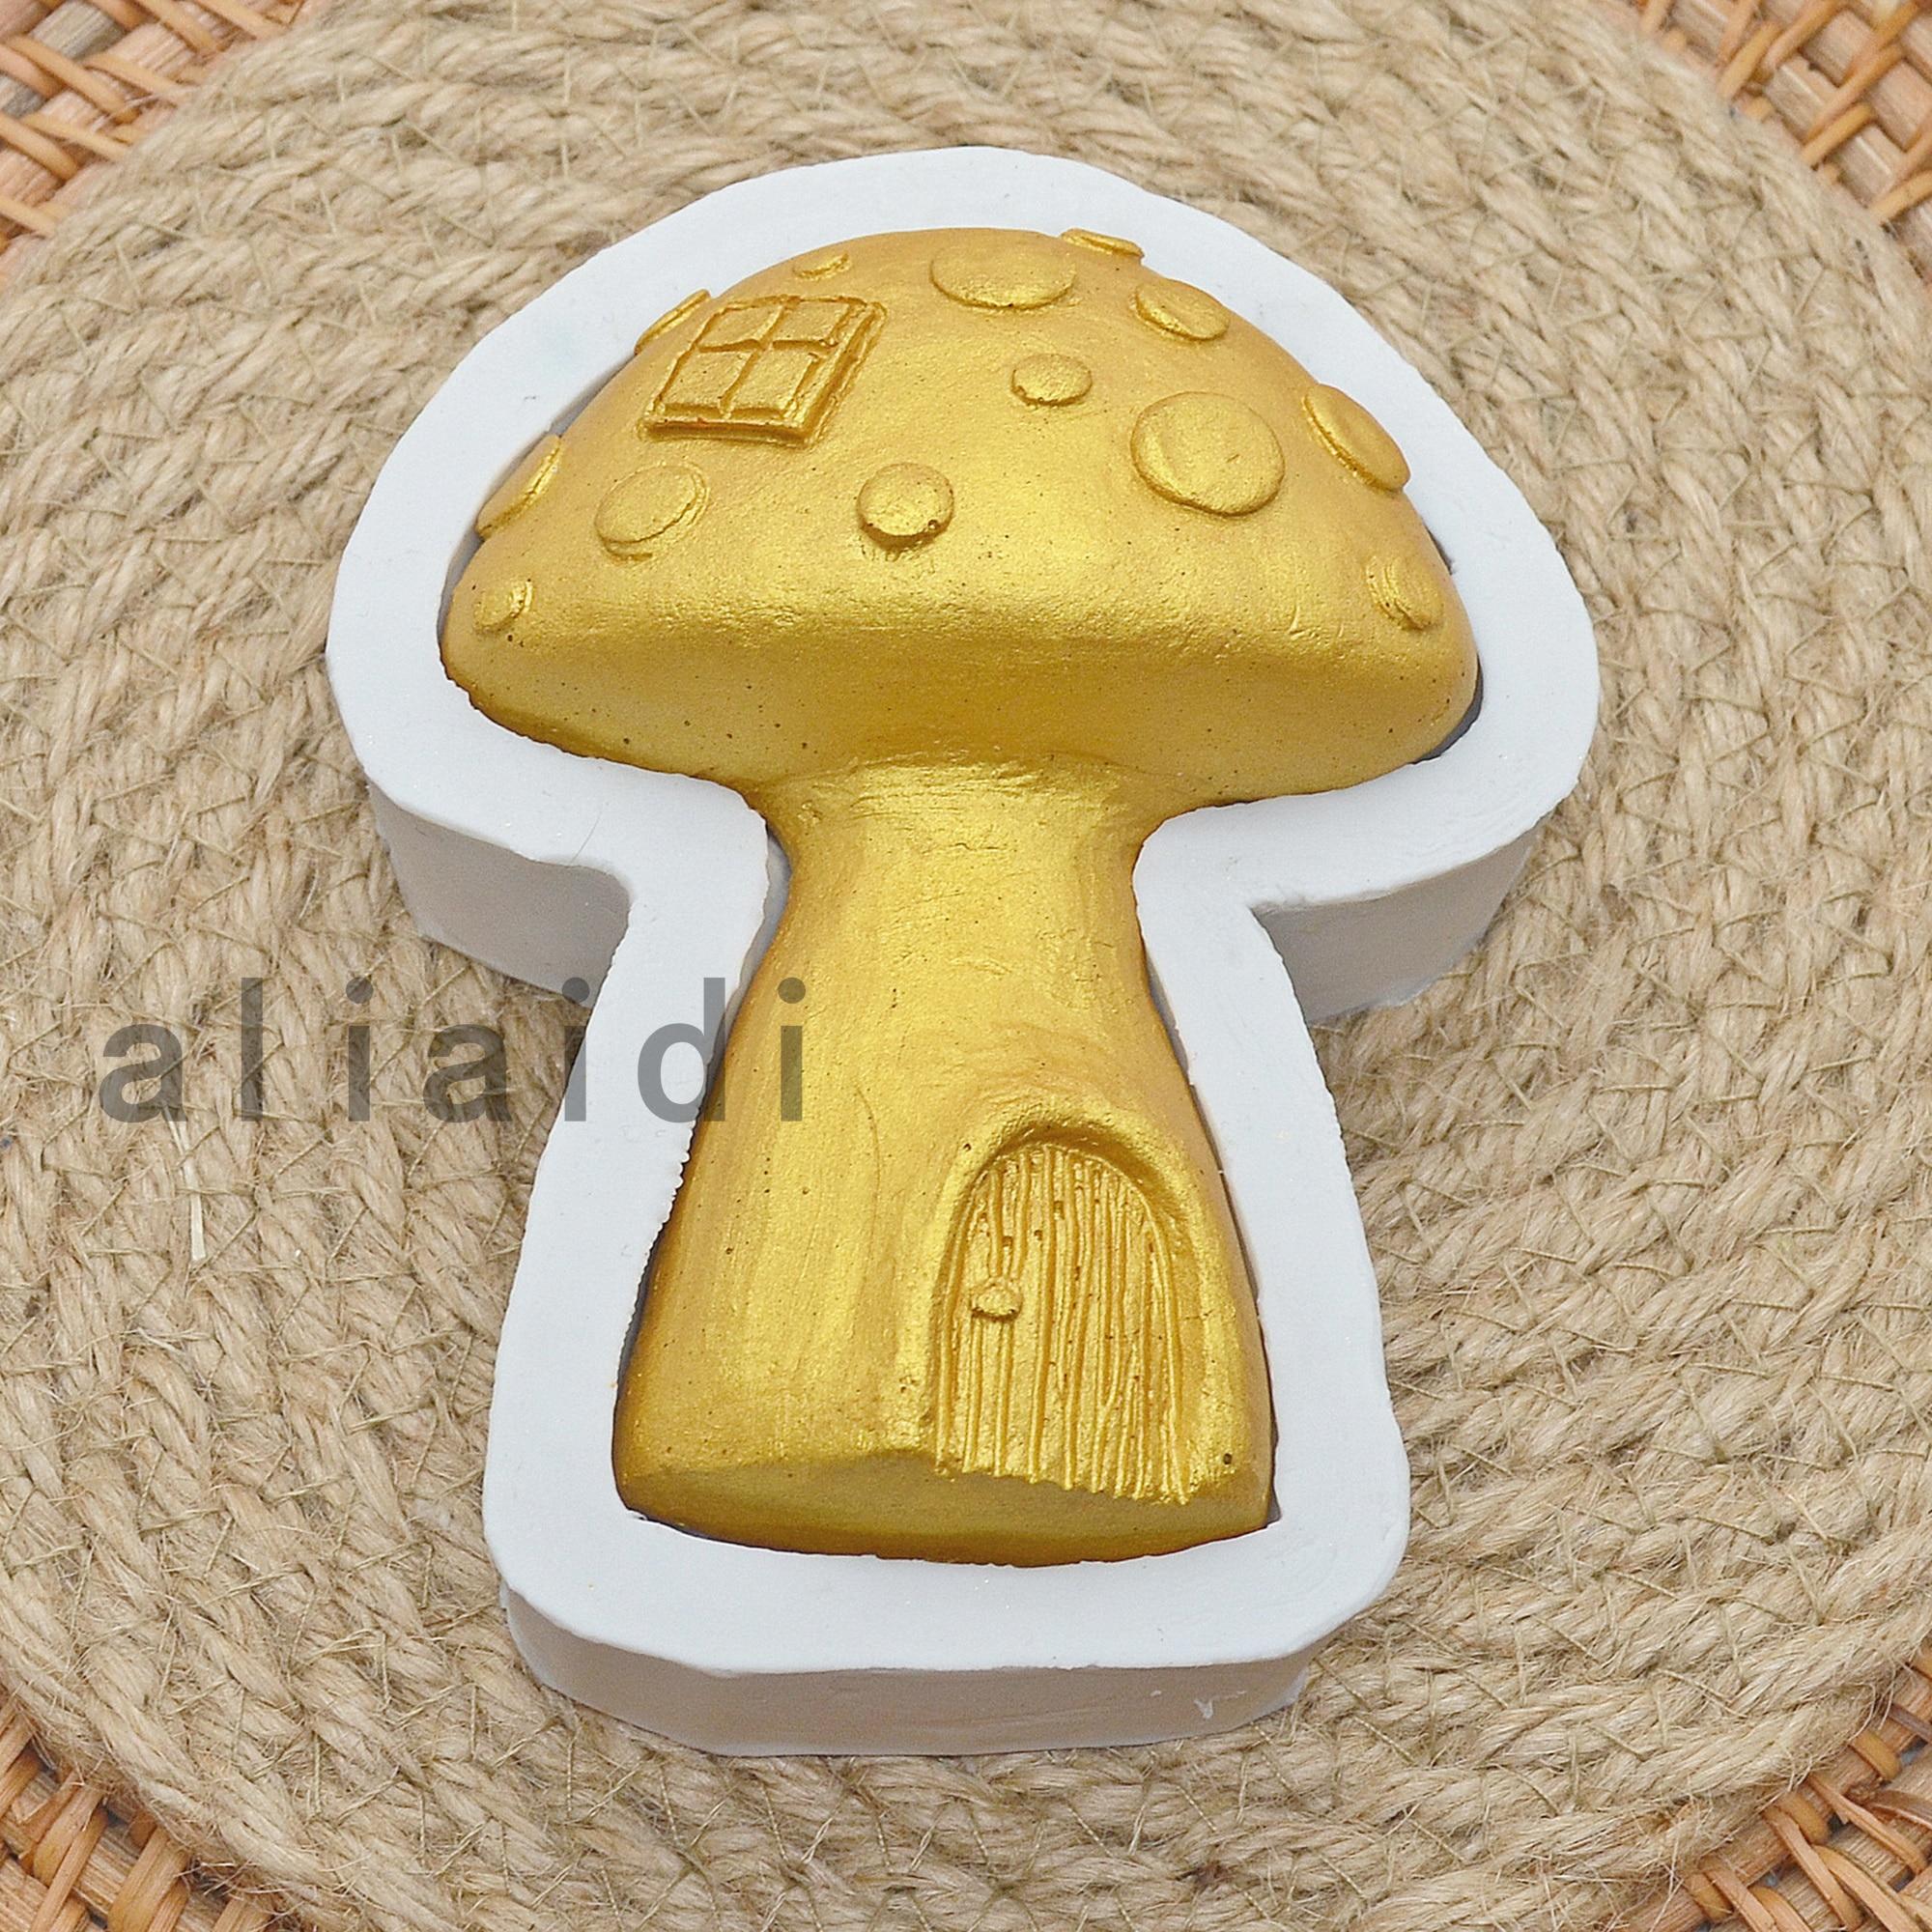 Новые силиконовые формы для торта в виде грибов, формы для помадки, форма для шоколада, инструменты для украшения торта, Аксессуары для выпе...